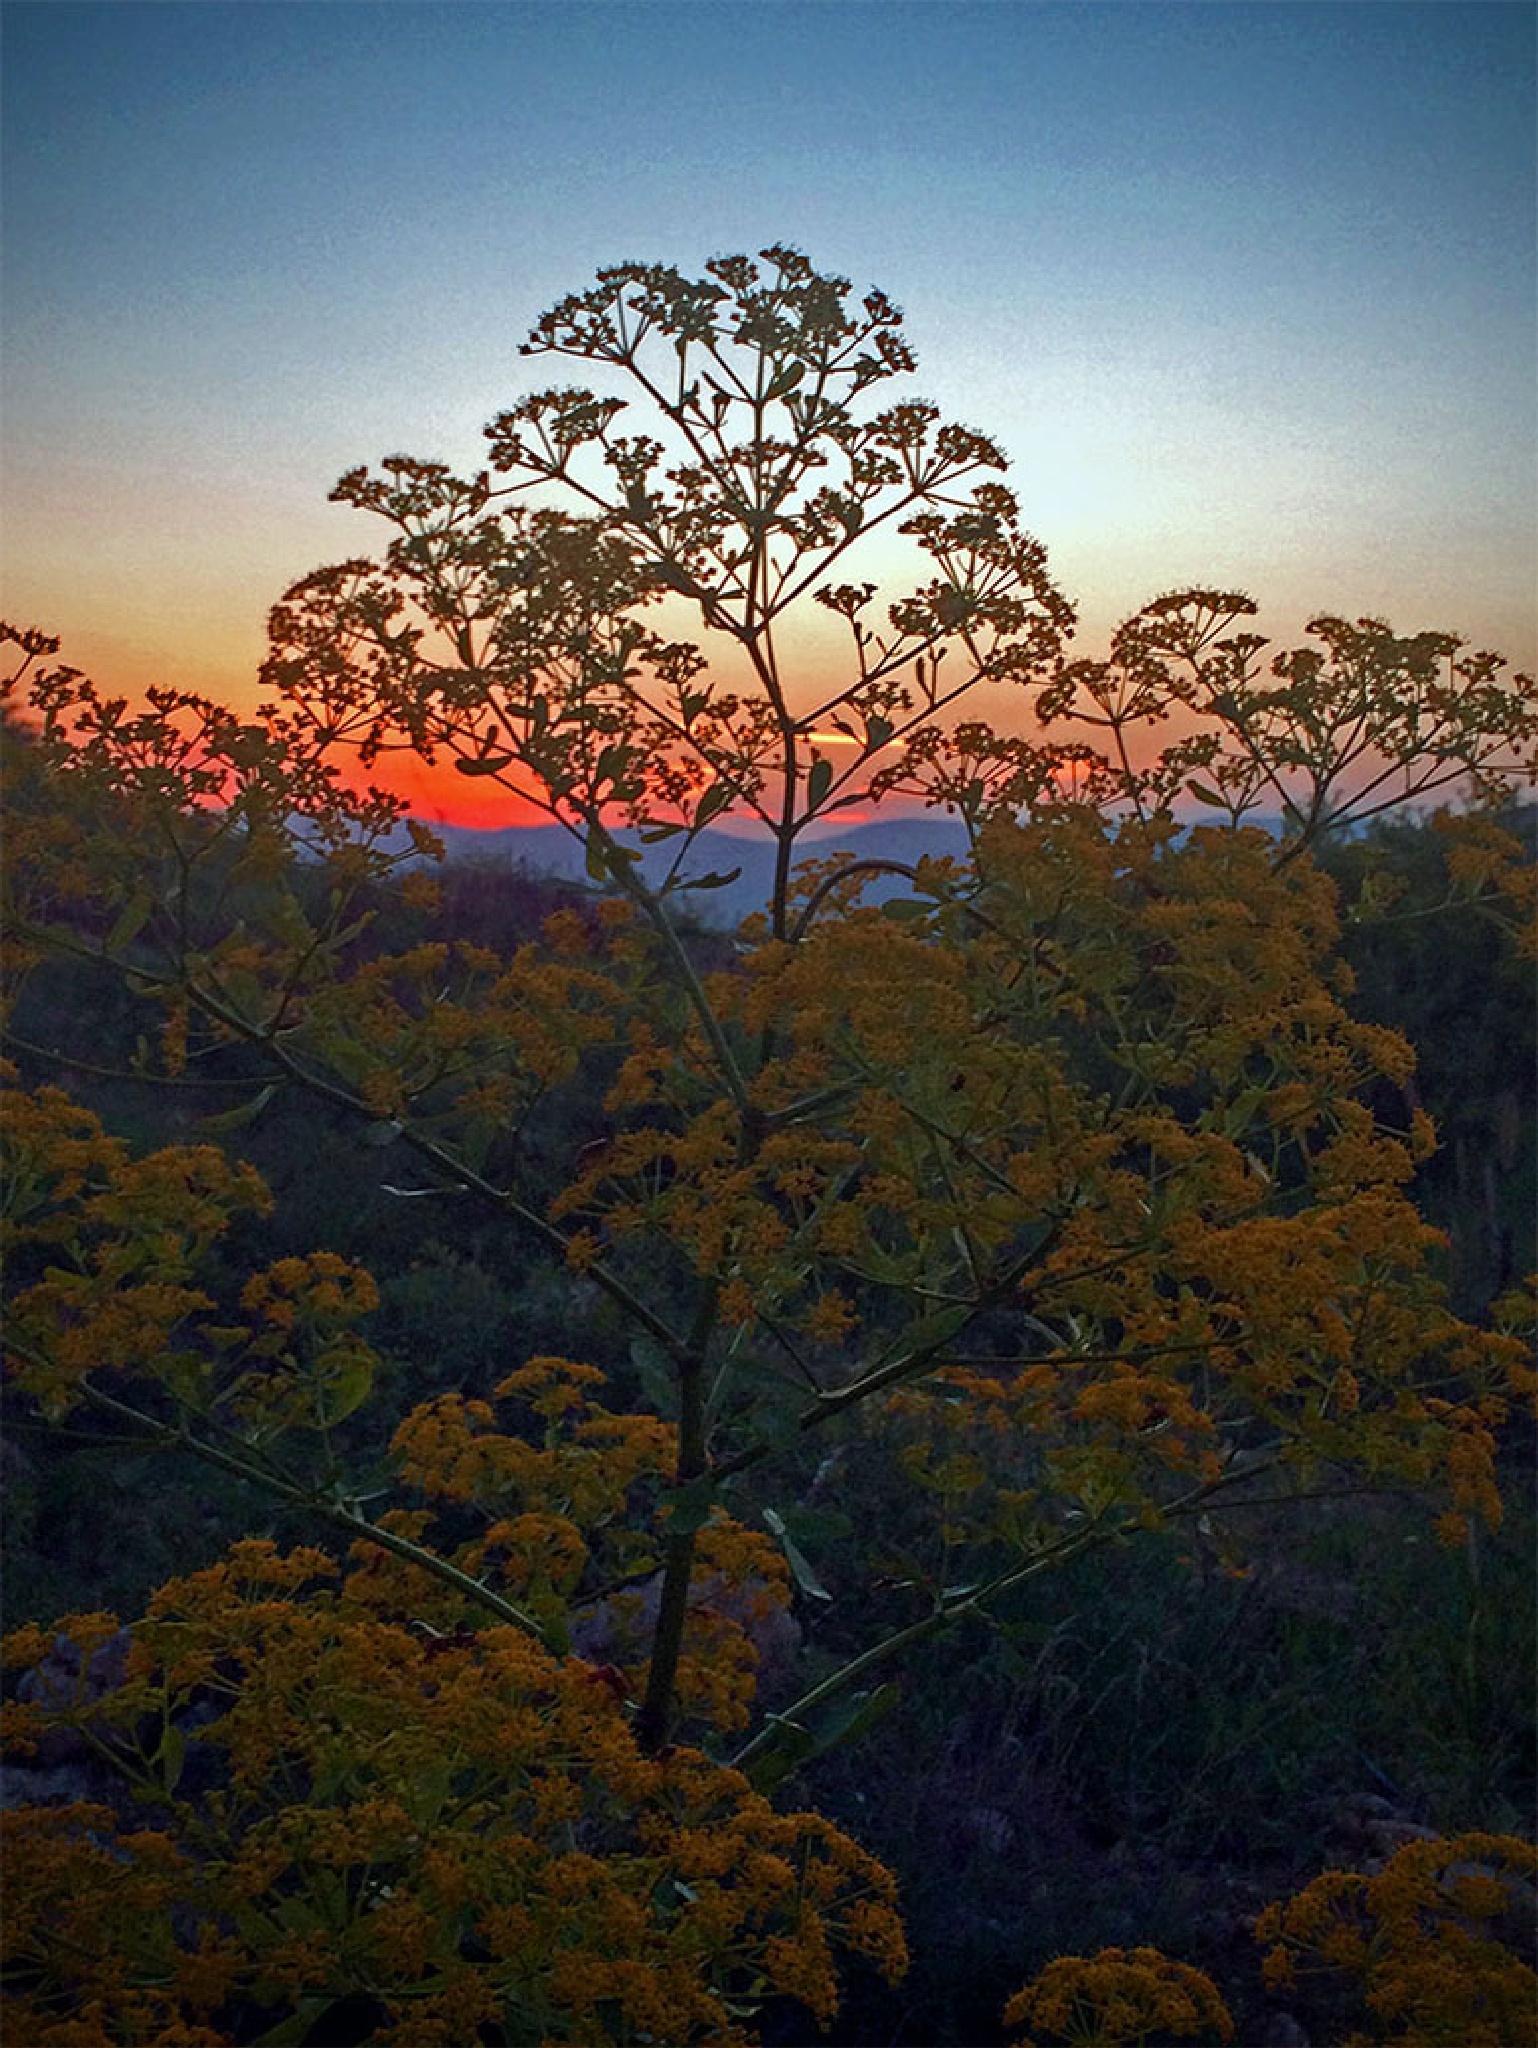 Sunset by farhad.mukryani